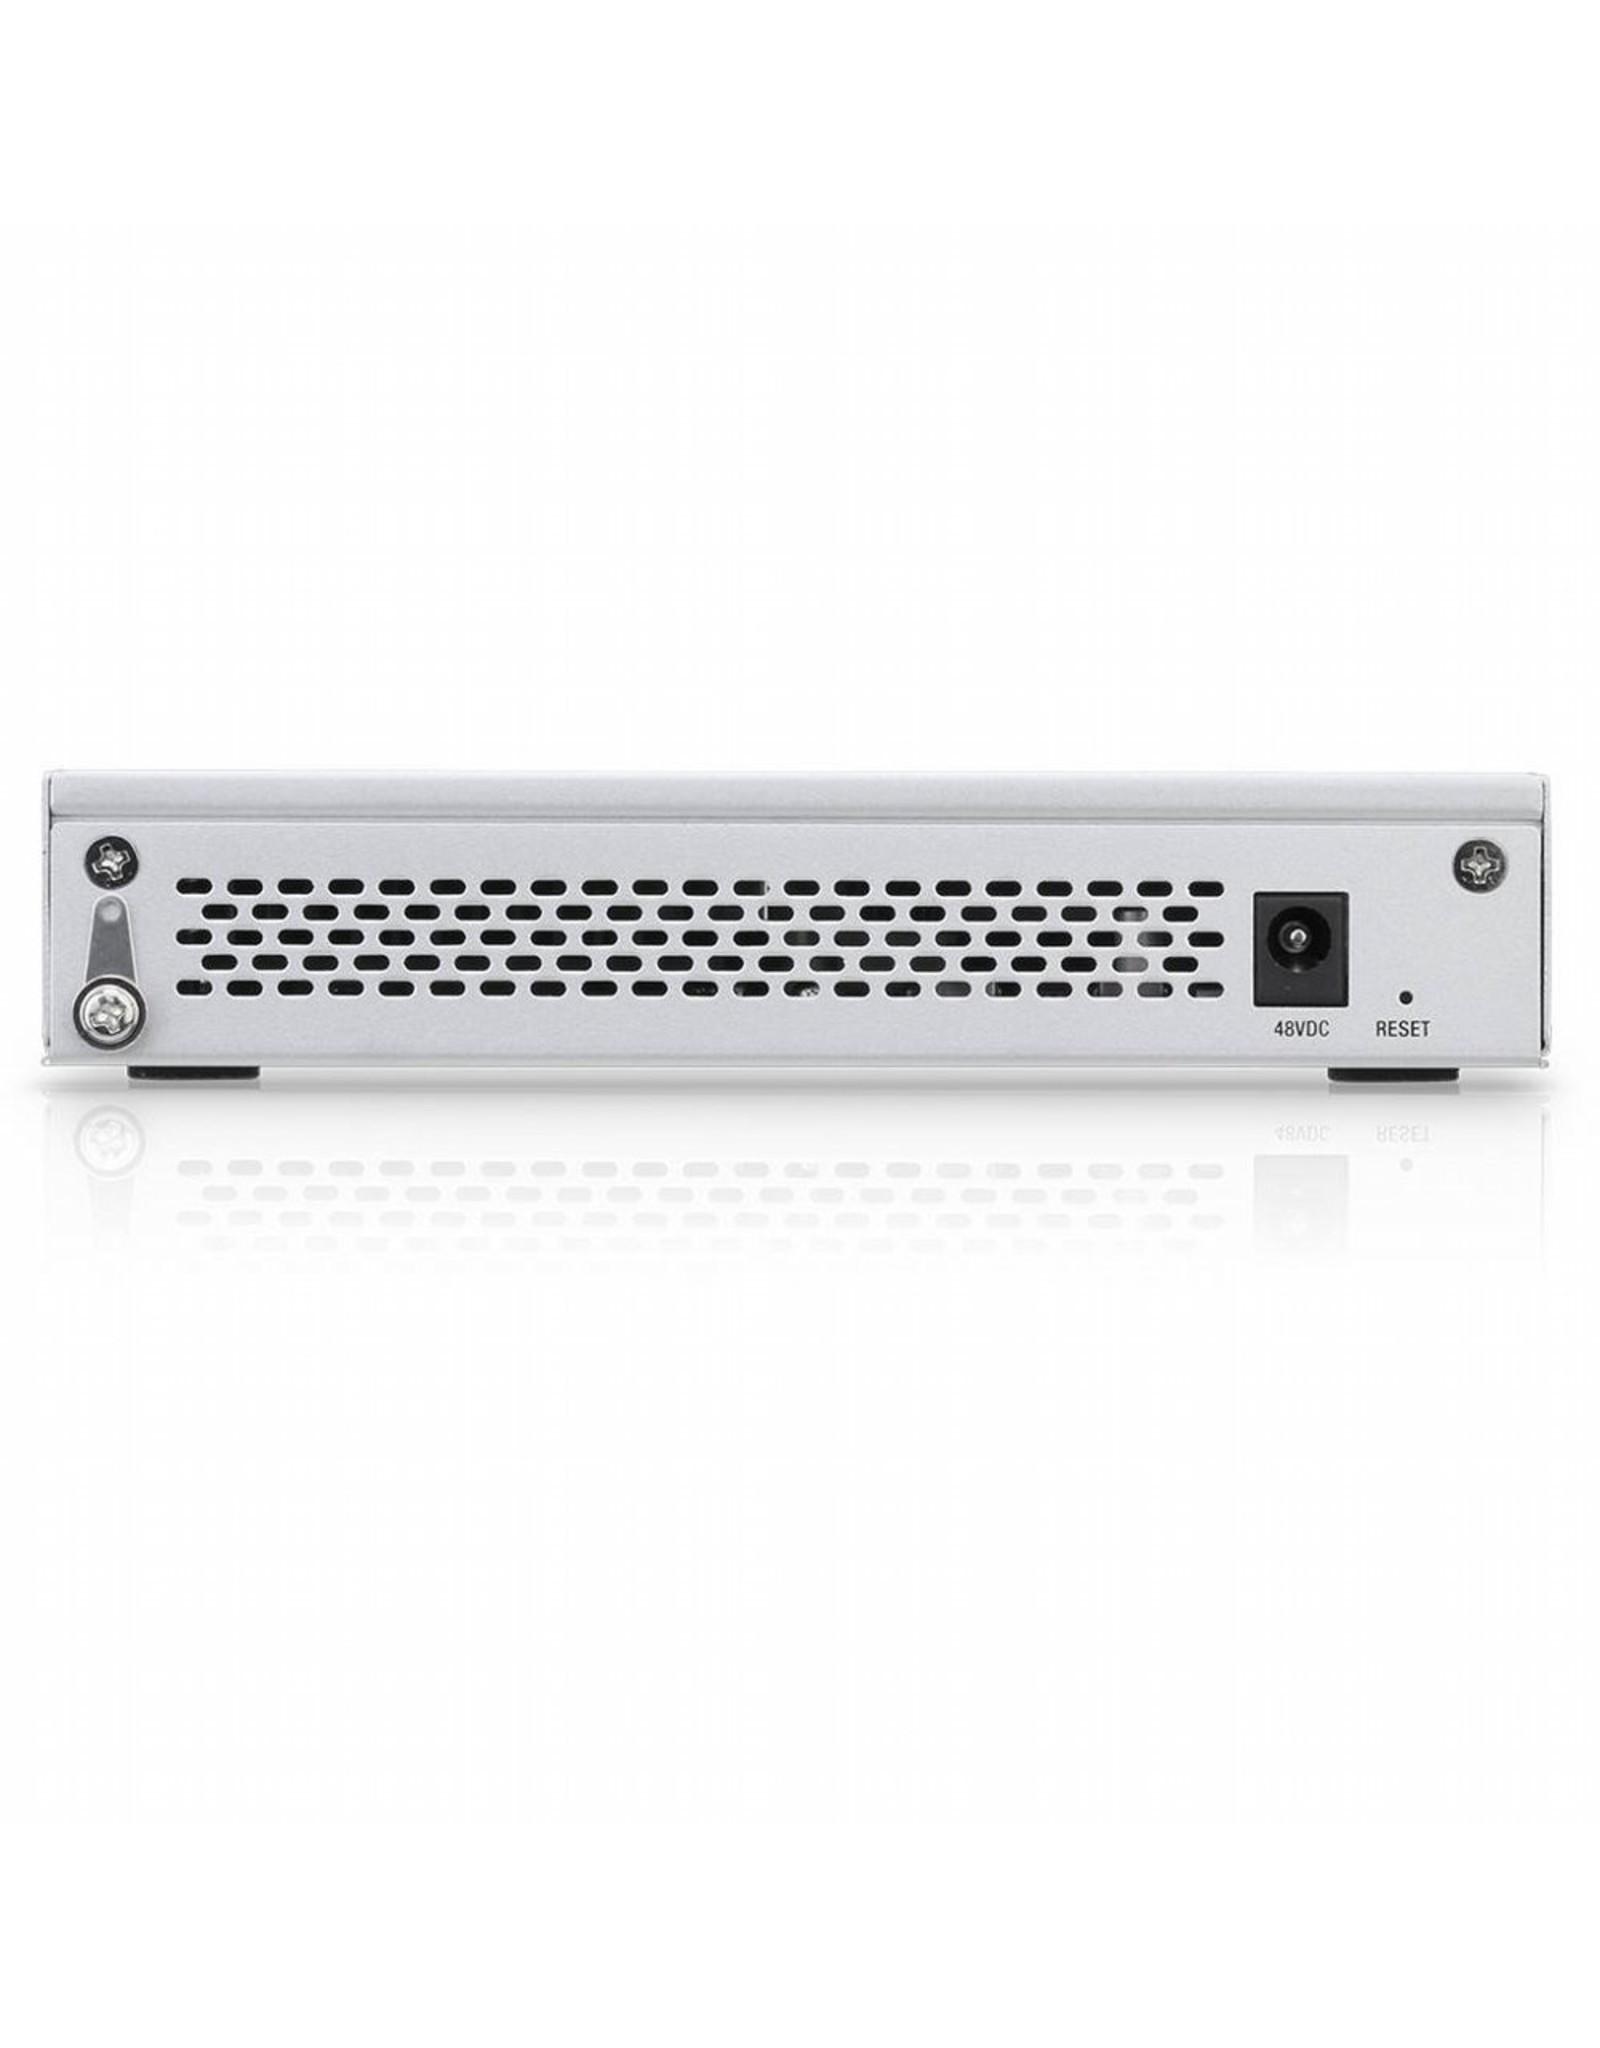 Ubiquiti Networks UniFi Switch8 Managed Gigabit Ethernet PoE